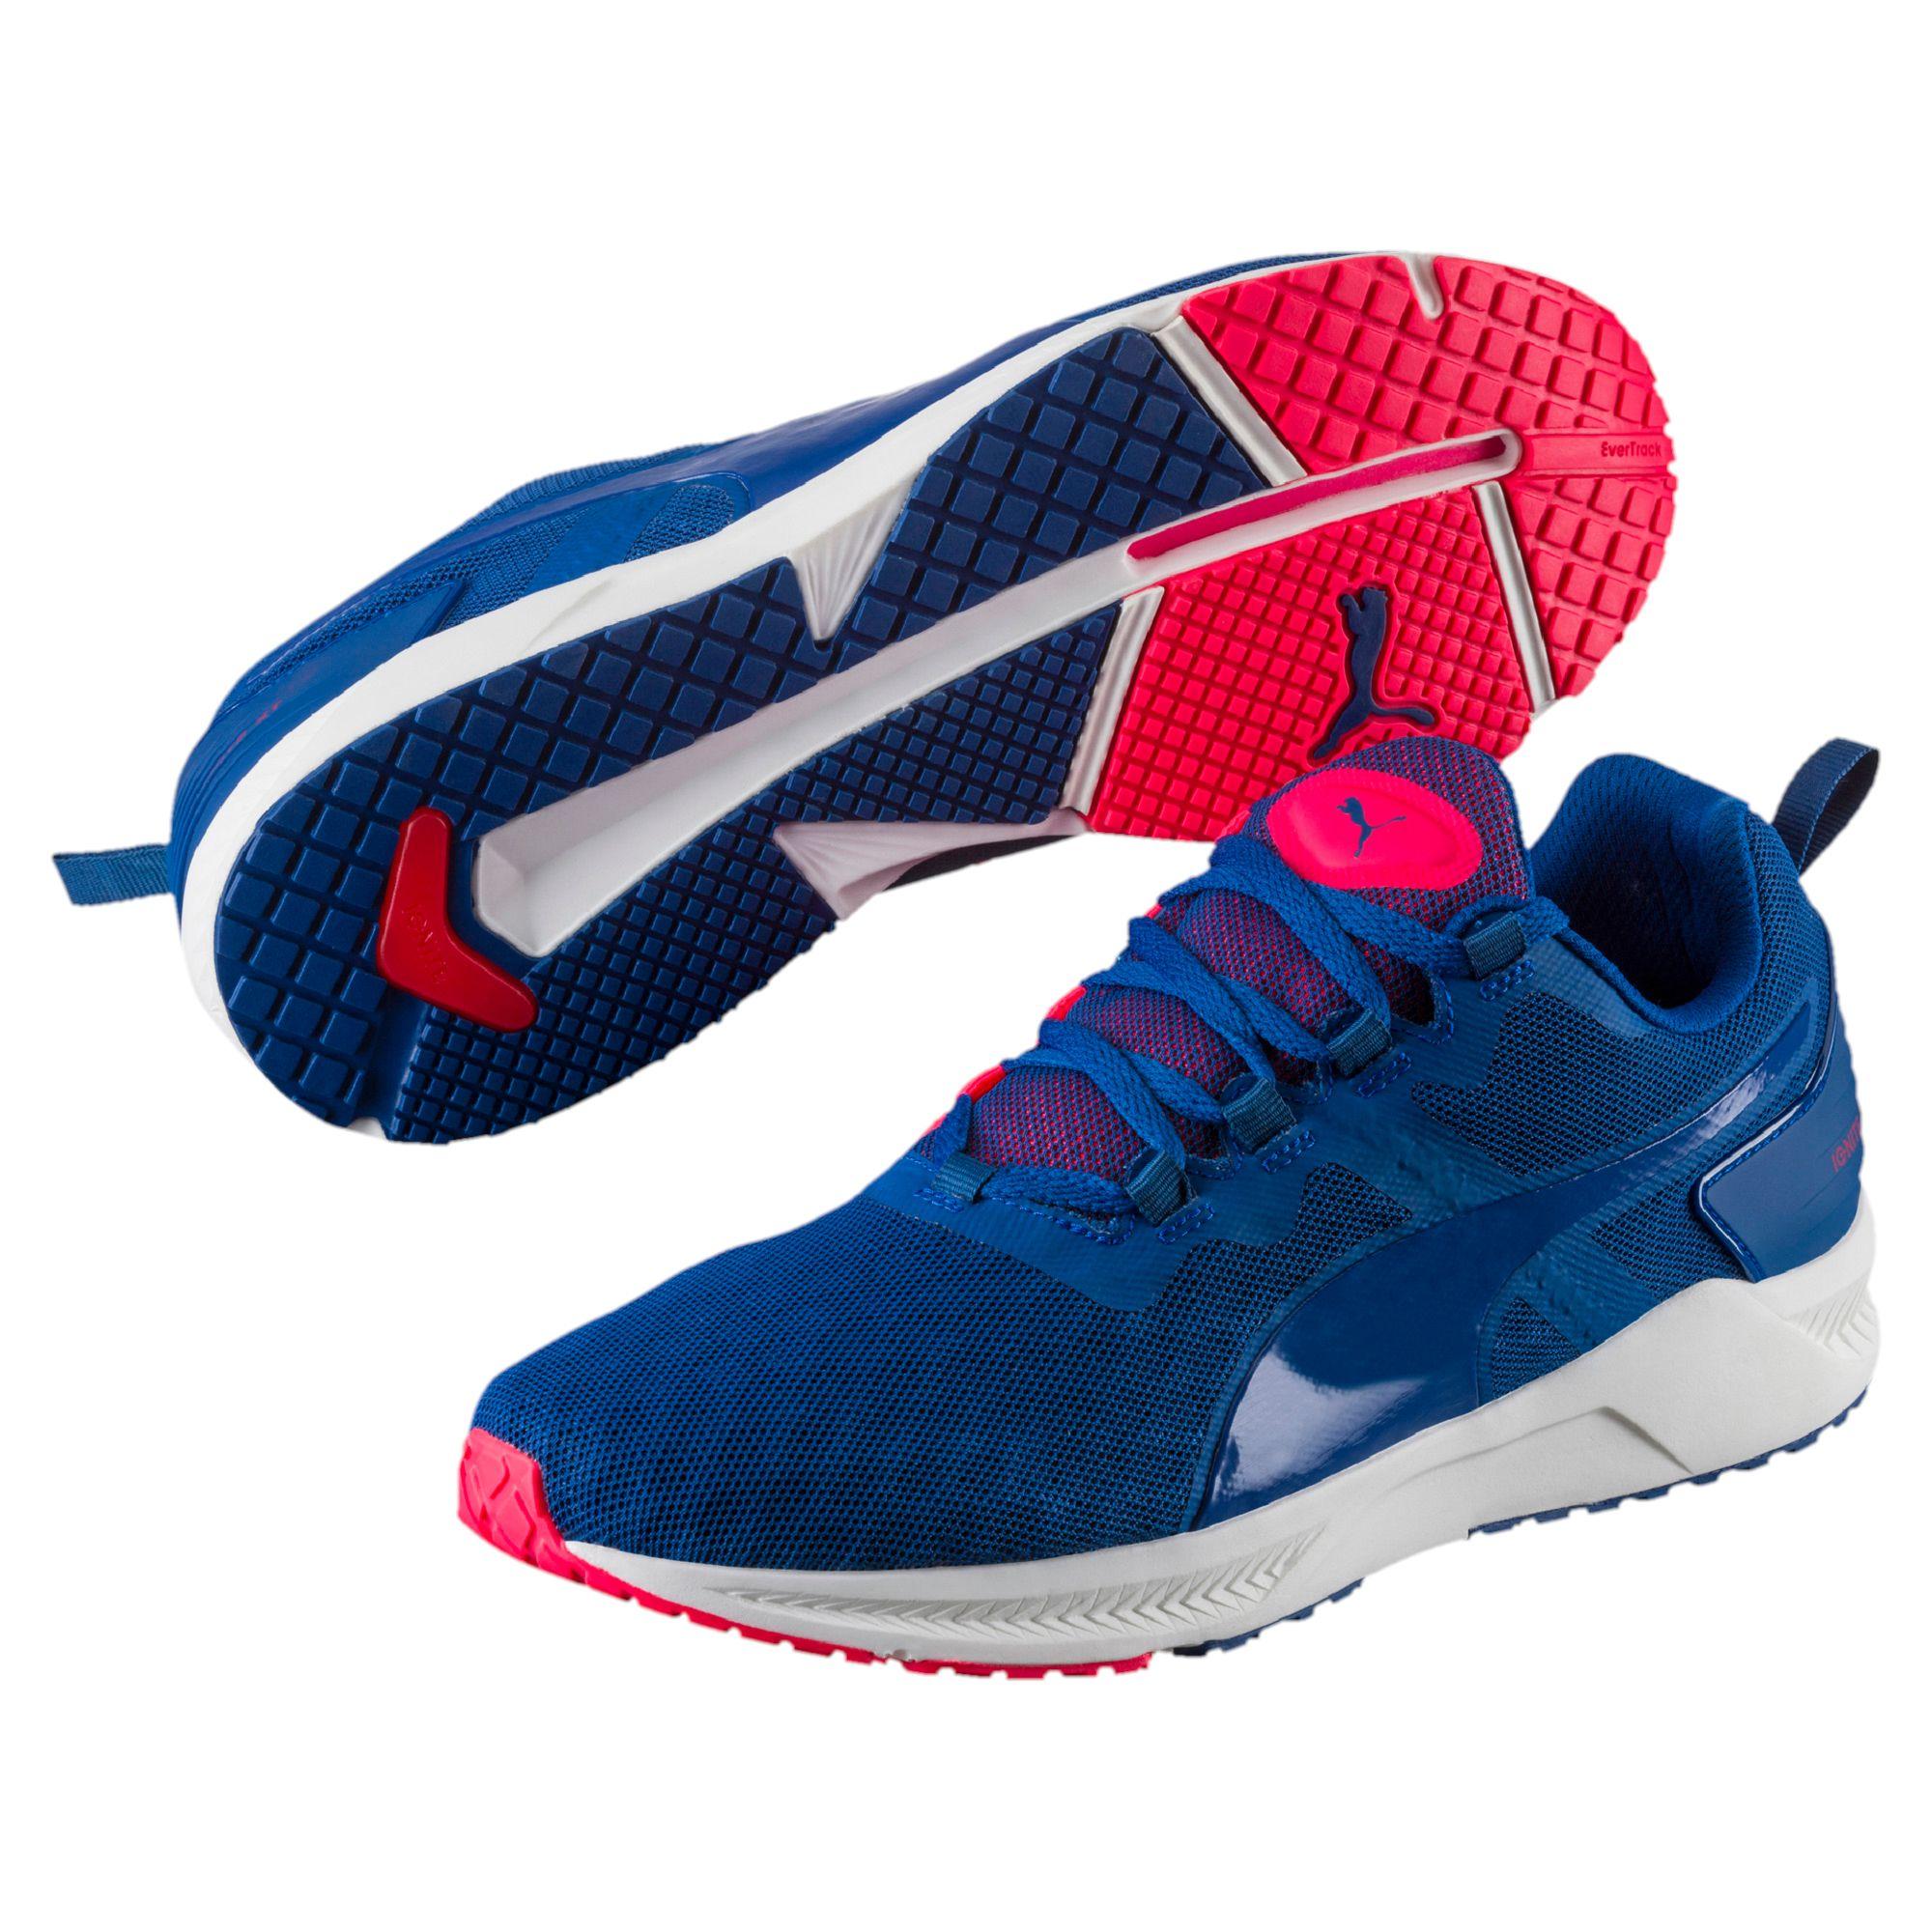 Dettagli su PUMA IGNITE XT v2 Mesh Men's Training Shoes Uomo Scarpe Allenamento Nuovo